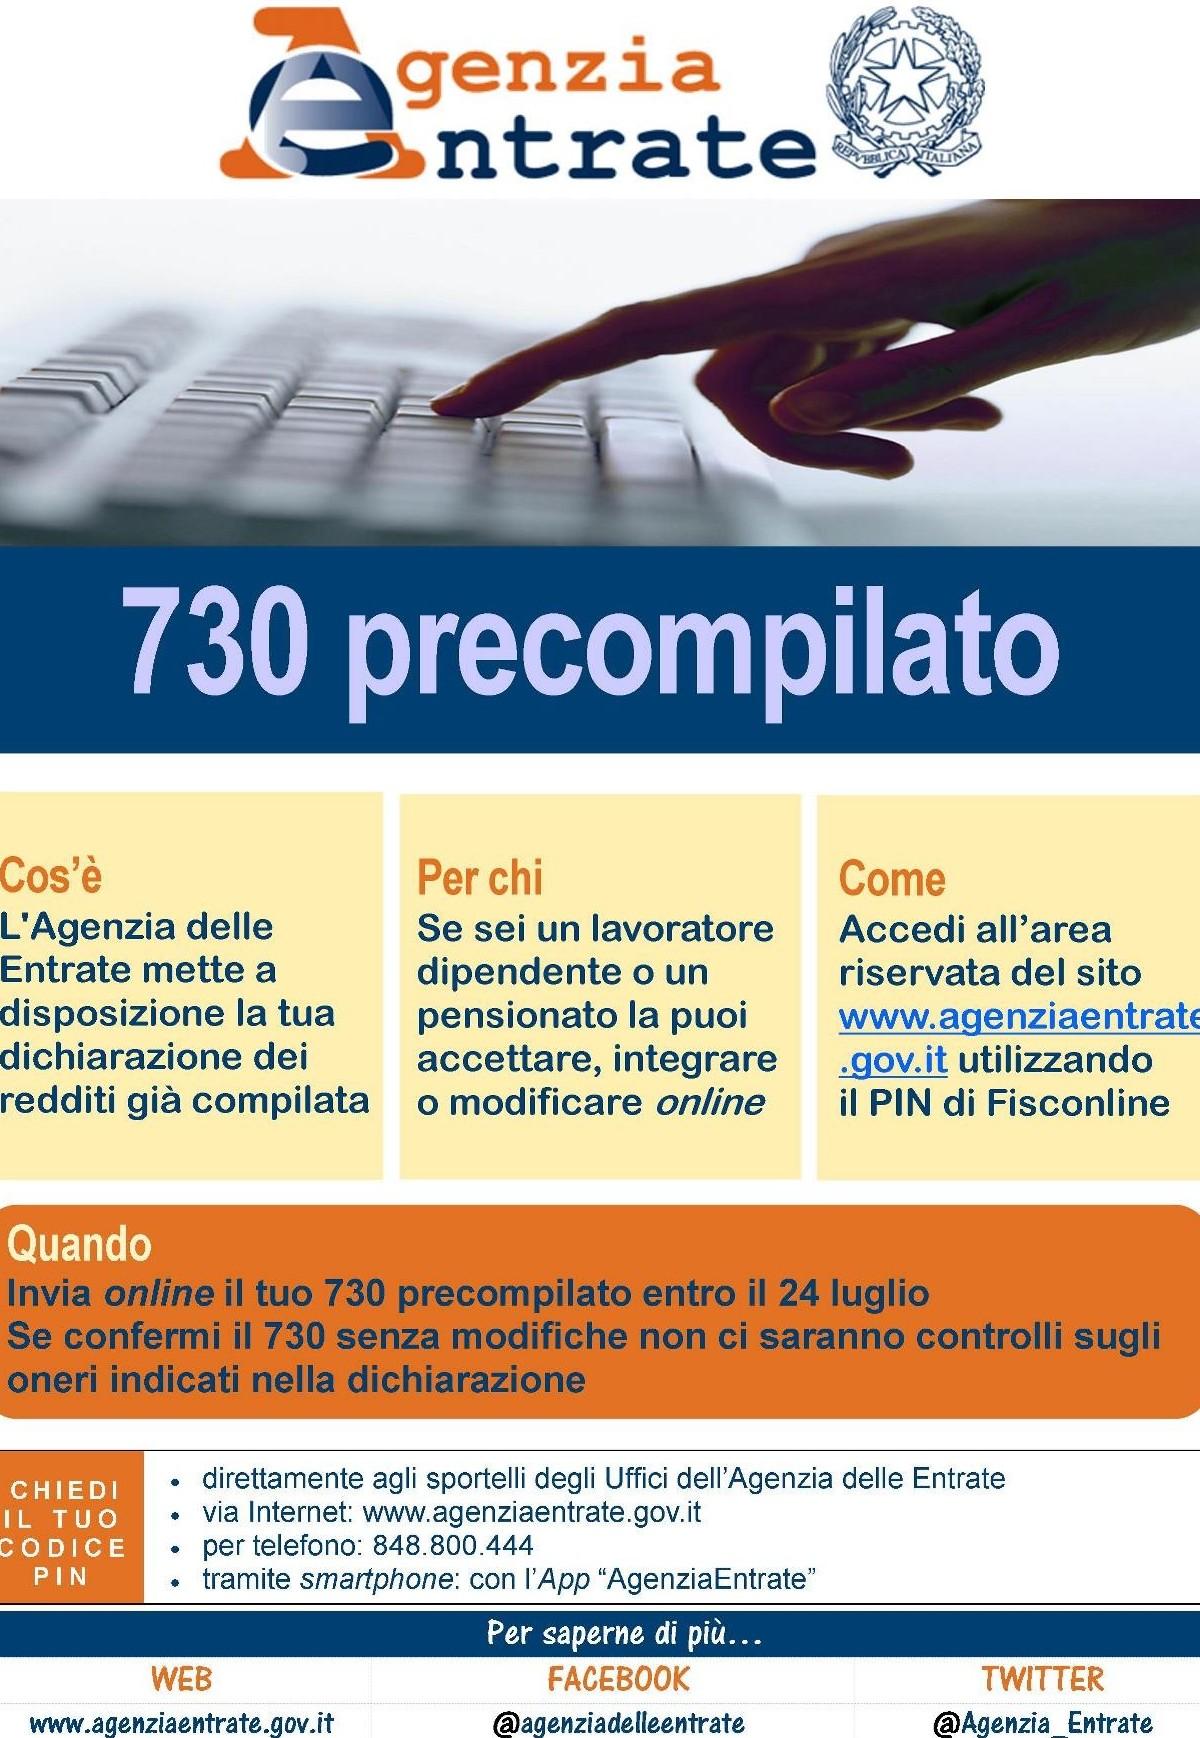 730 precompilato: come accedere